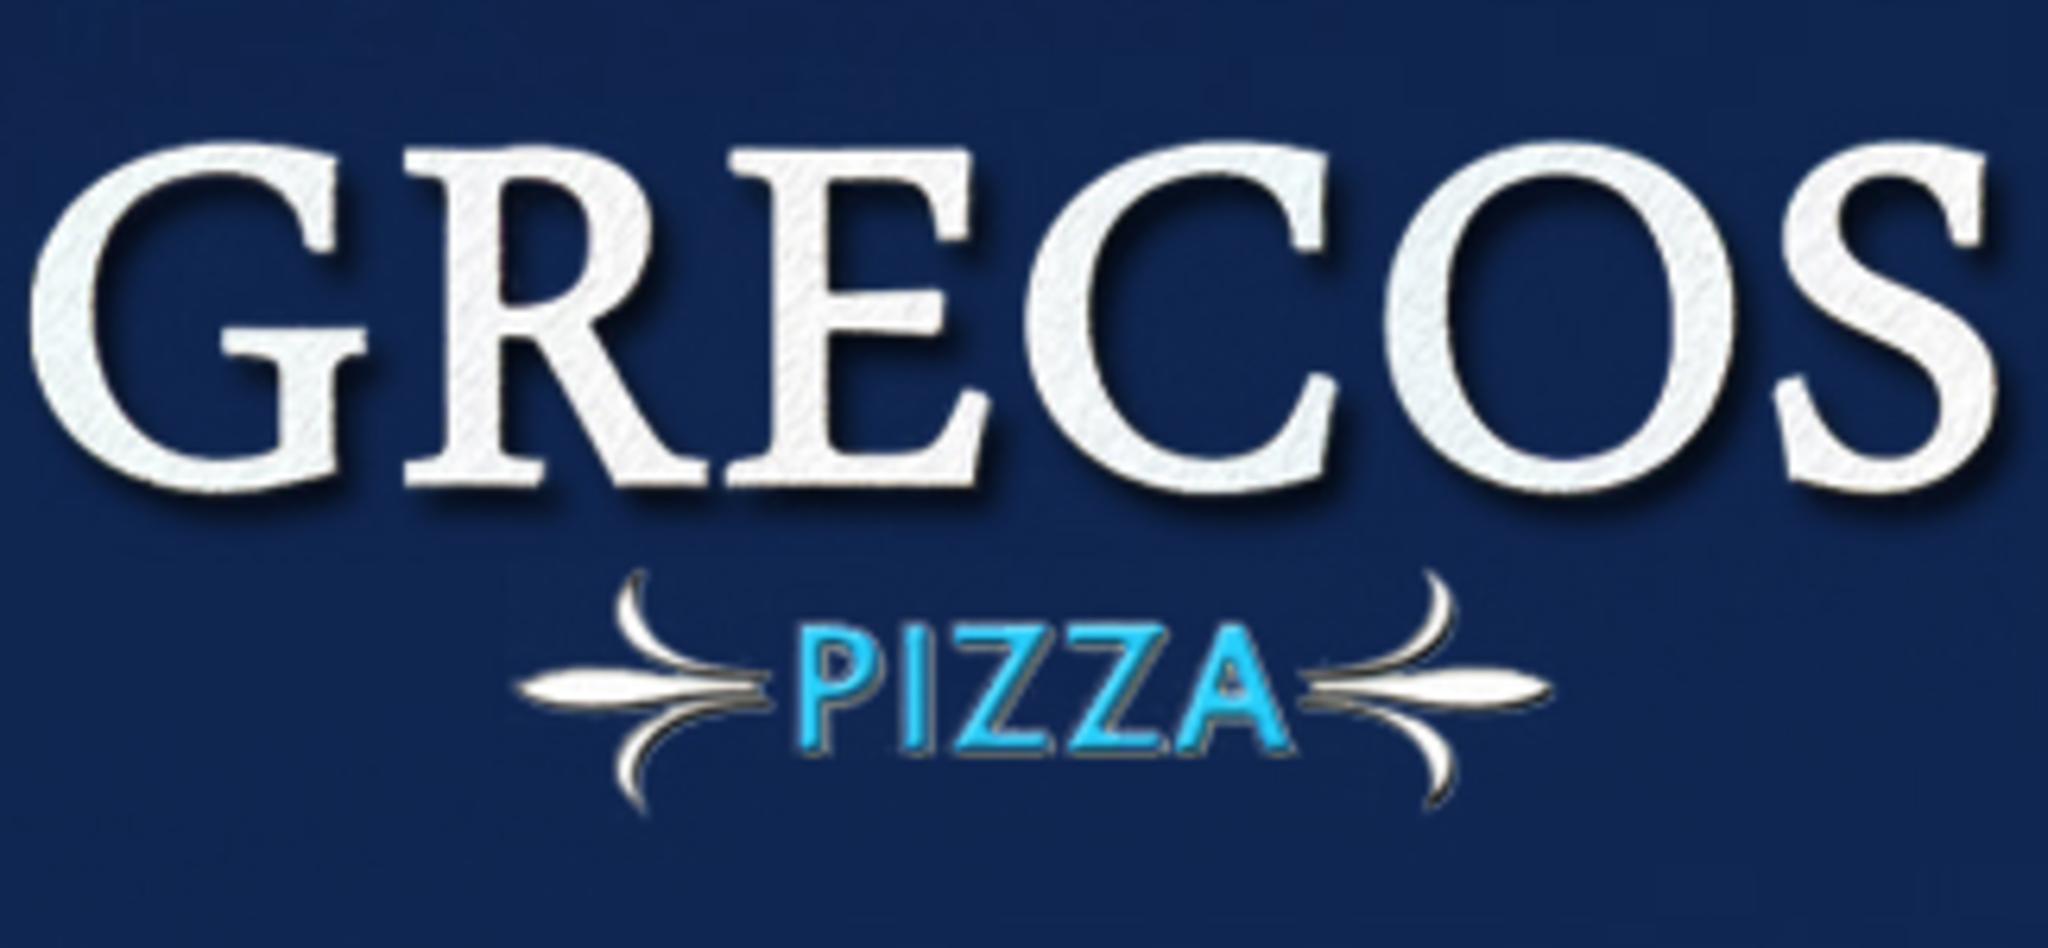 Greco's Pizza